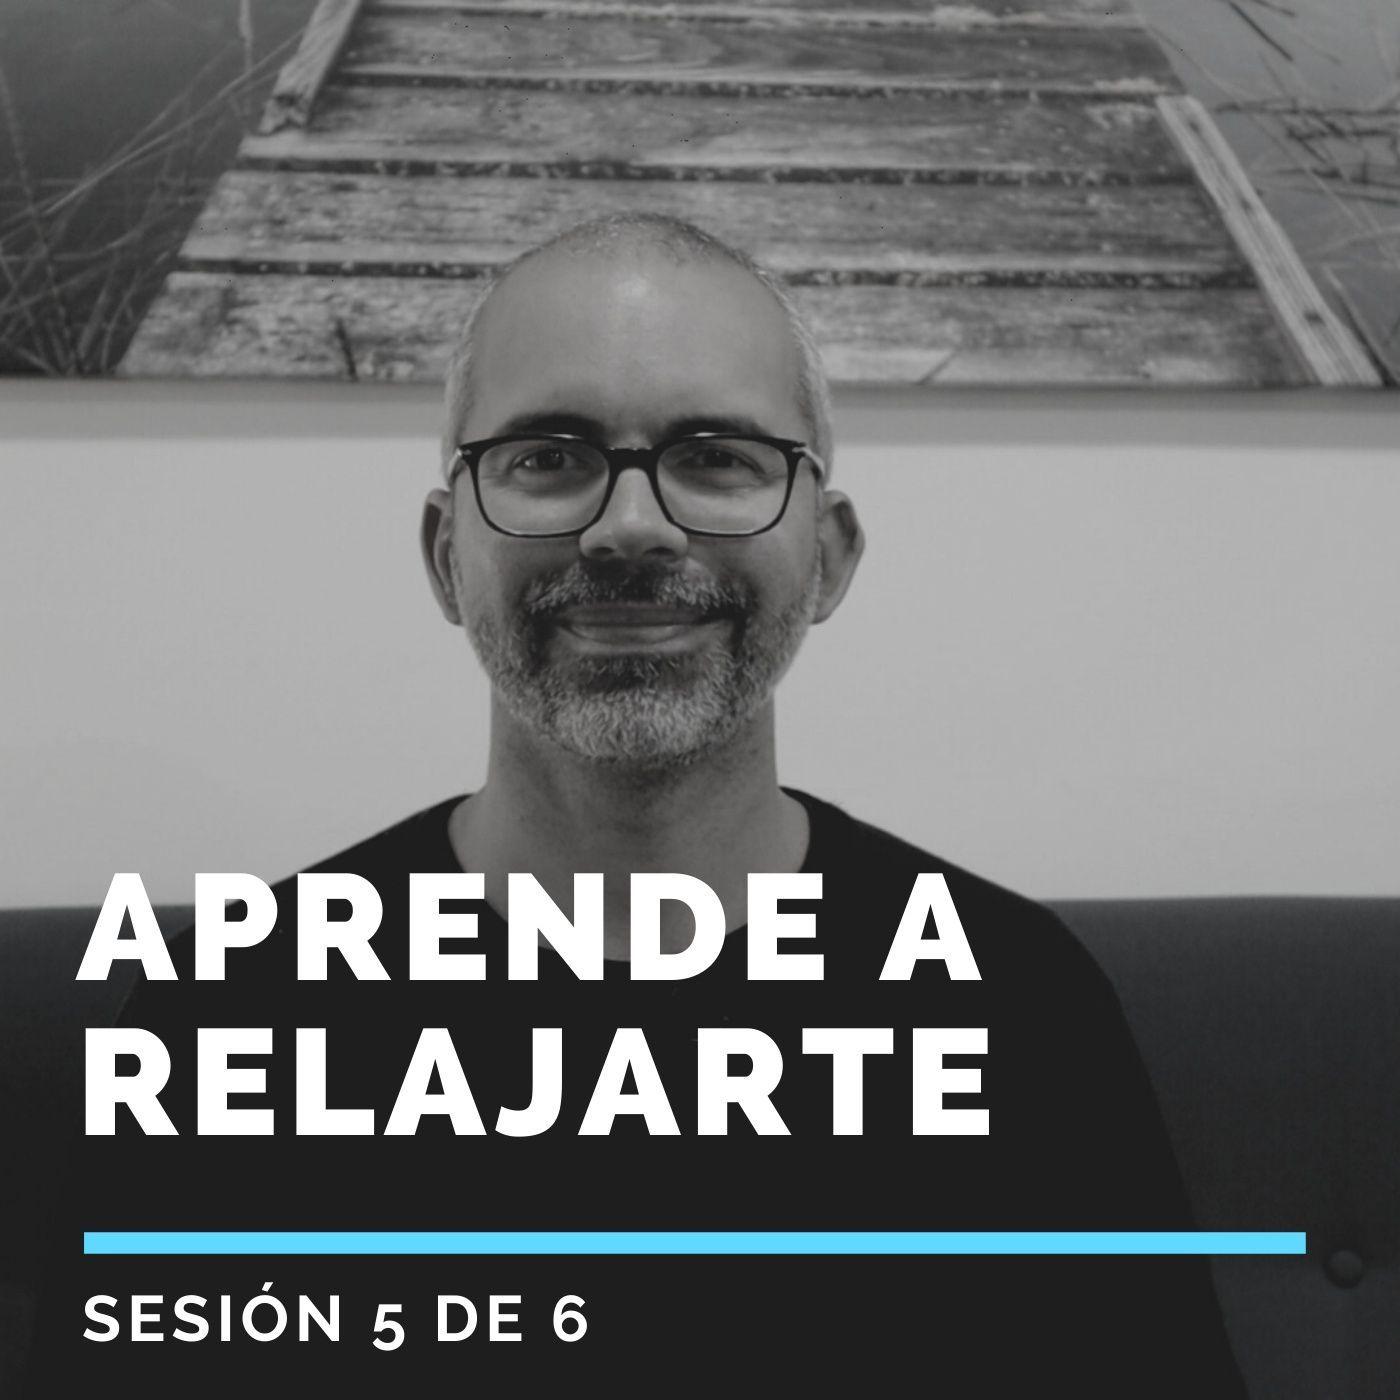 Aprende a RELAJARTE - Sesión 5